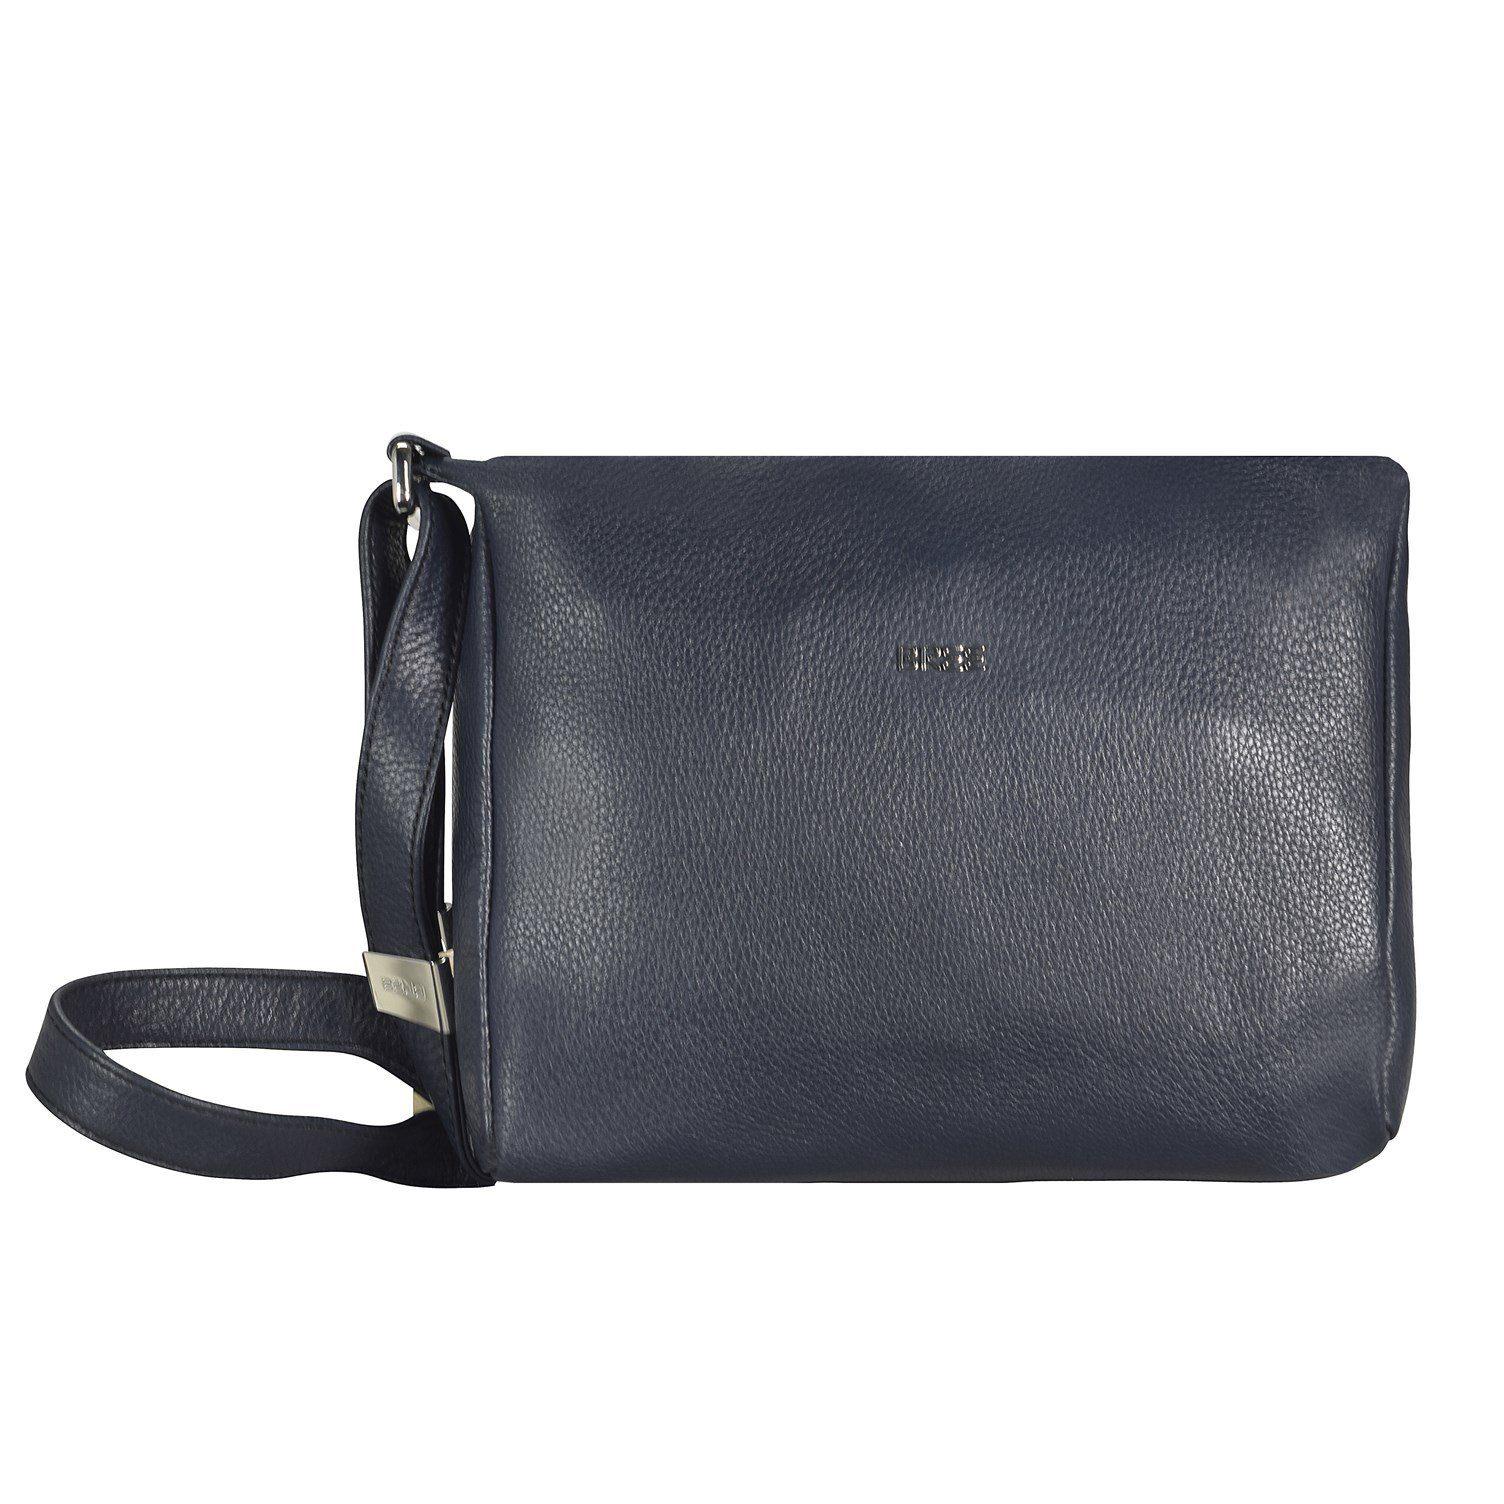 BREE Nola 2 Umhängetasche Leder 26 cm, Verschlussart: Reißverschluss online kaufen | OTTO